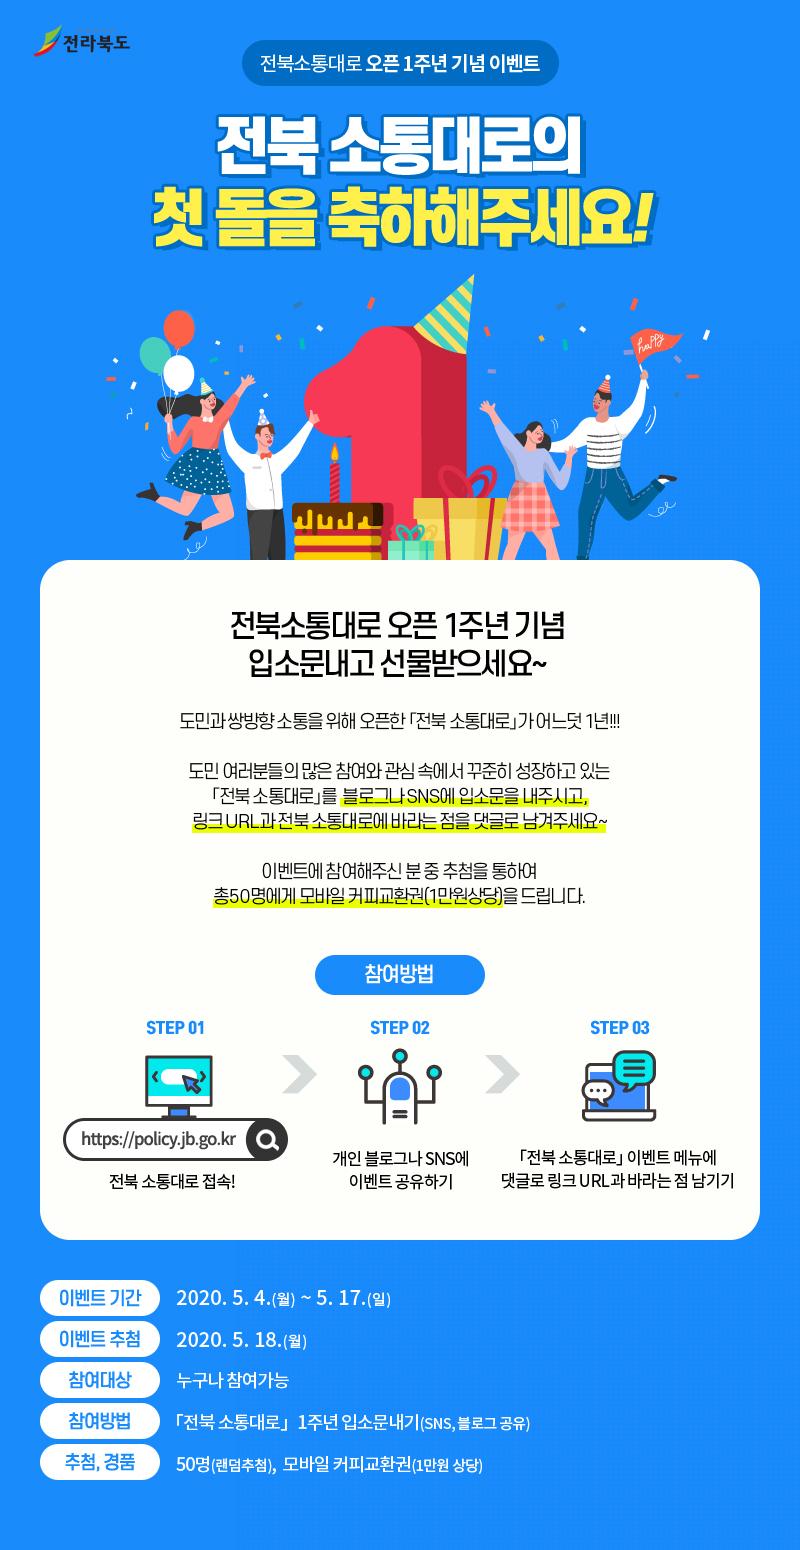 전북소통대로 오픈 1주년 기념 이벤트